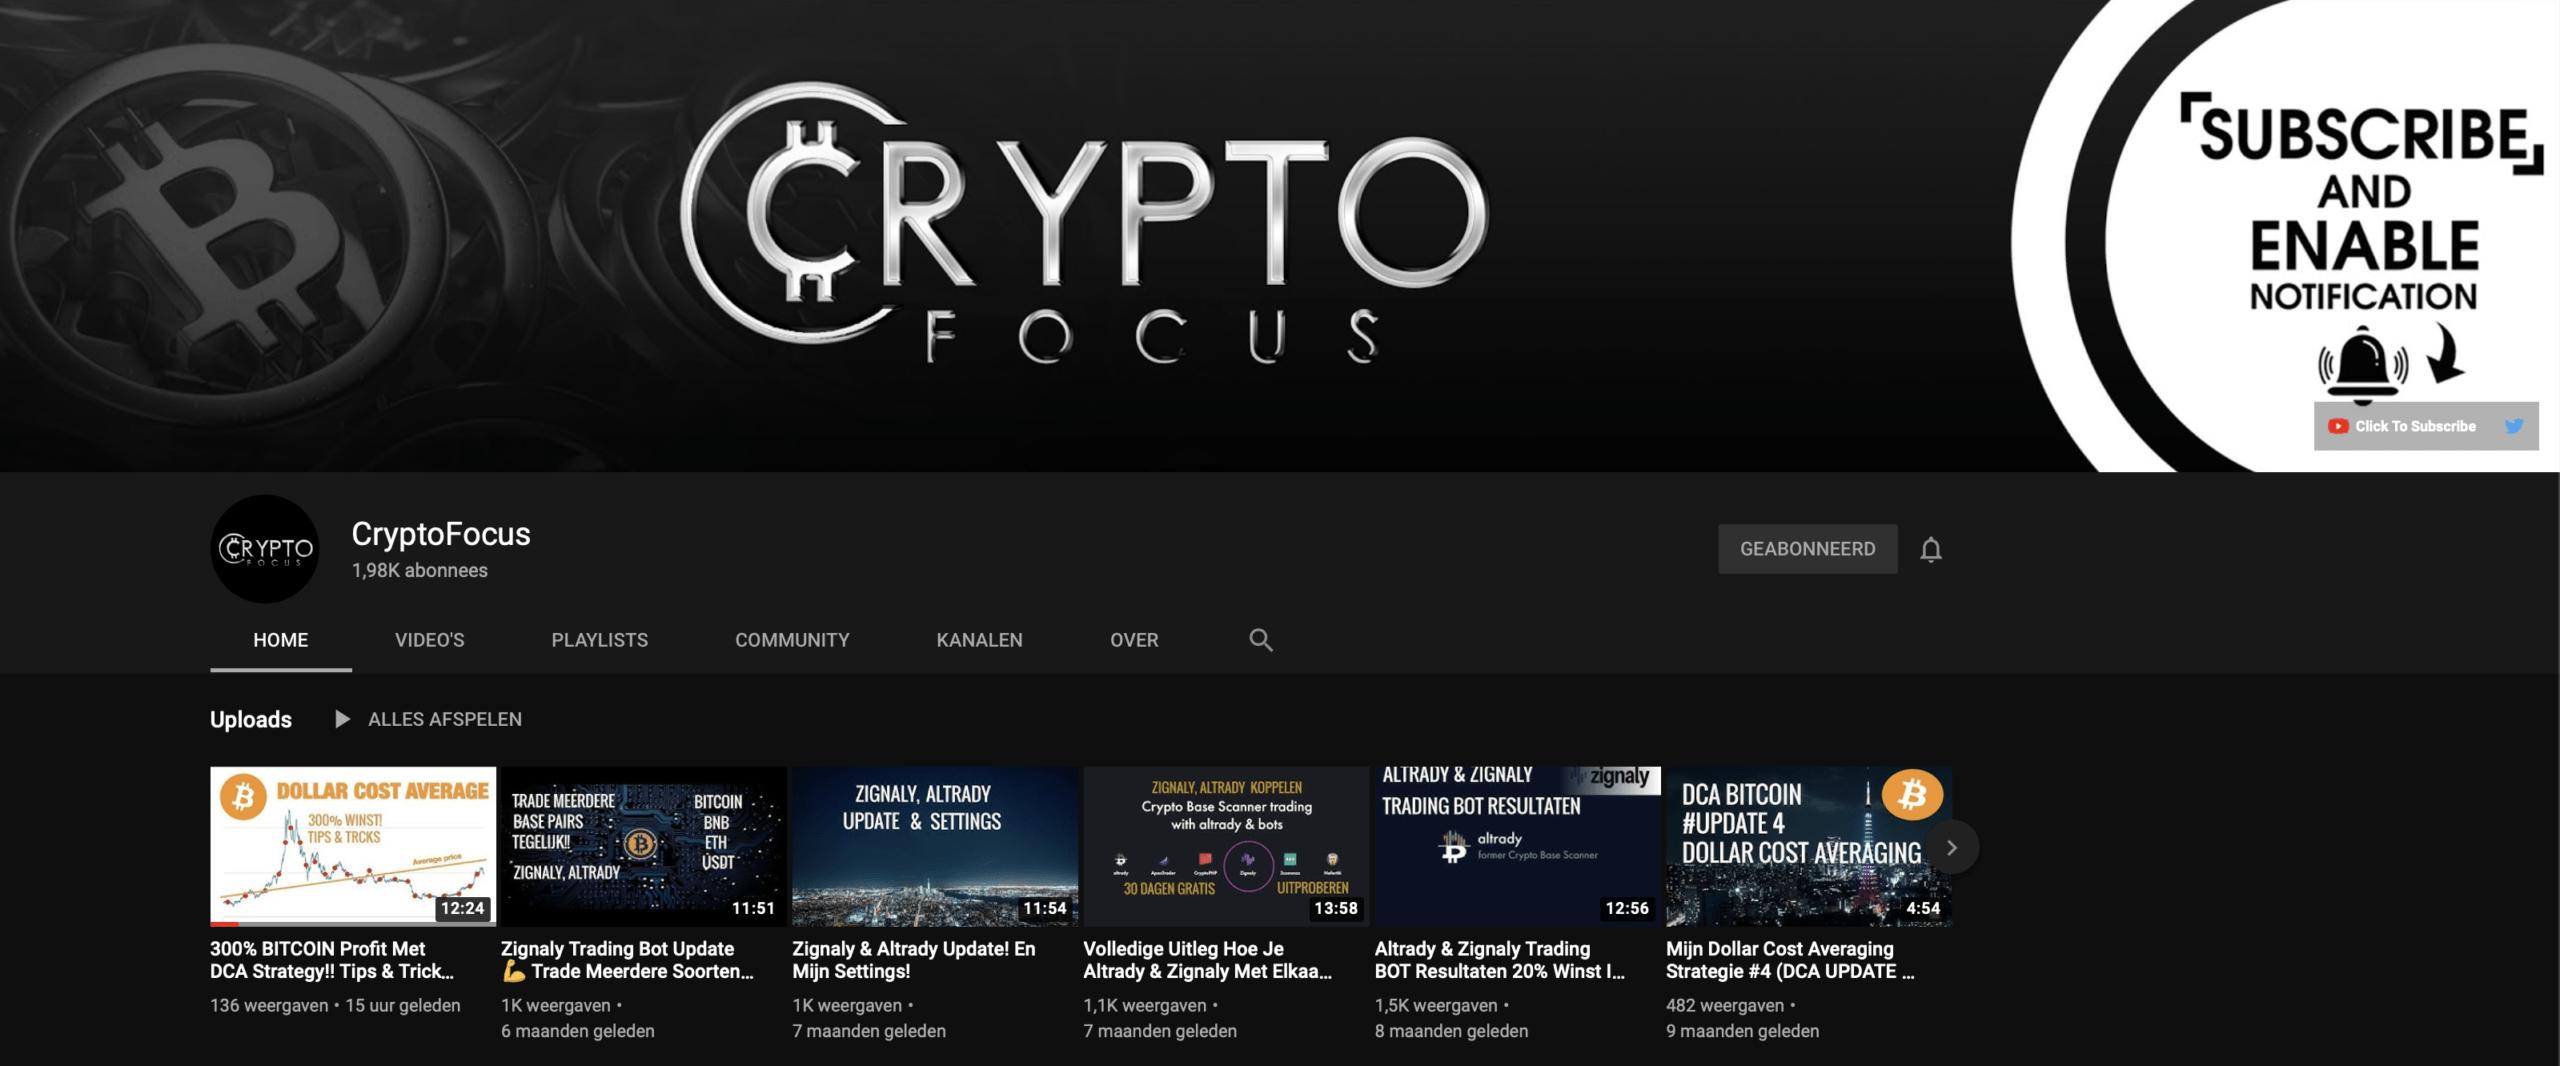 Crypto Focus